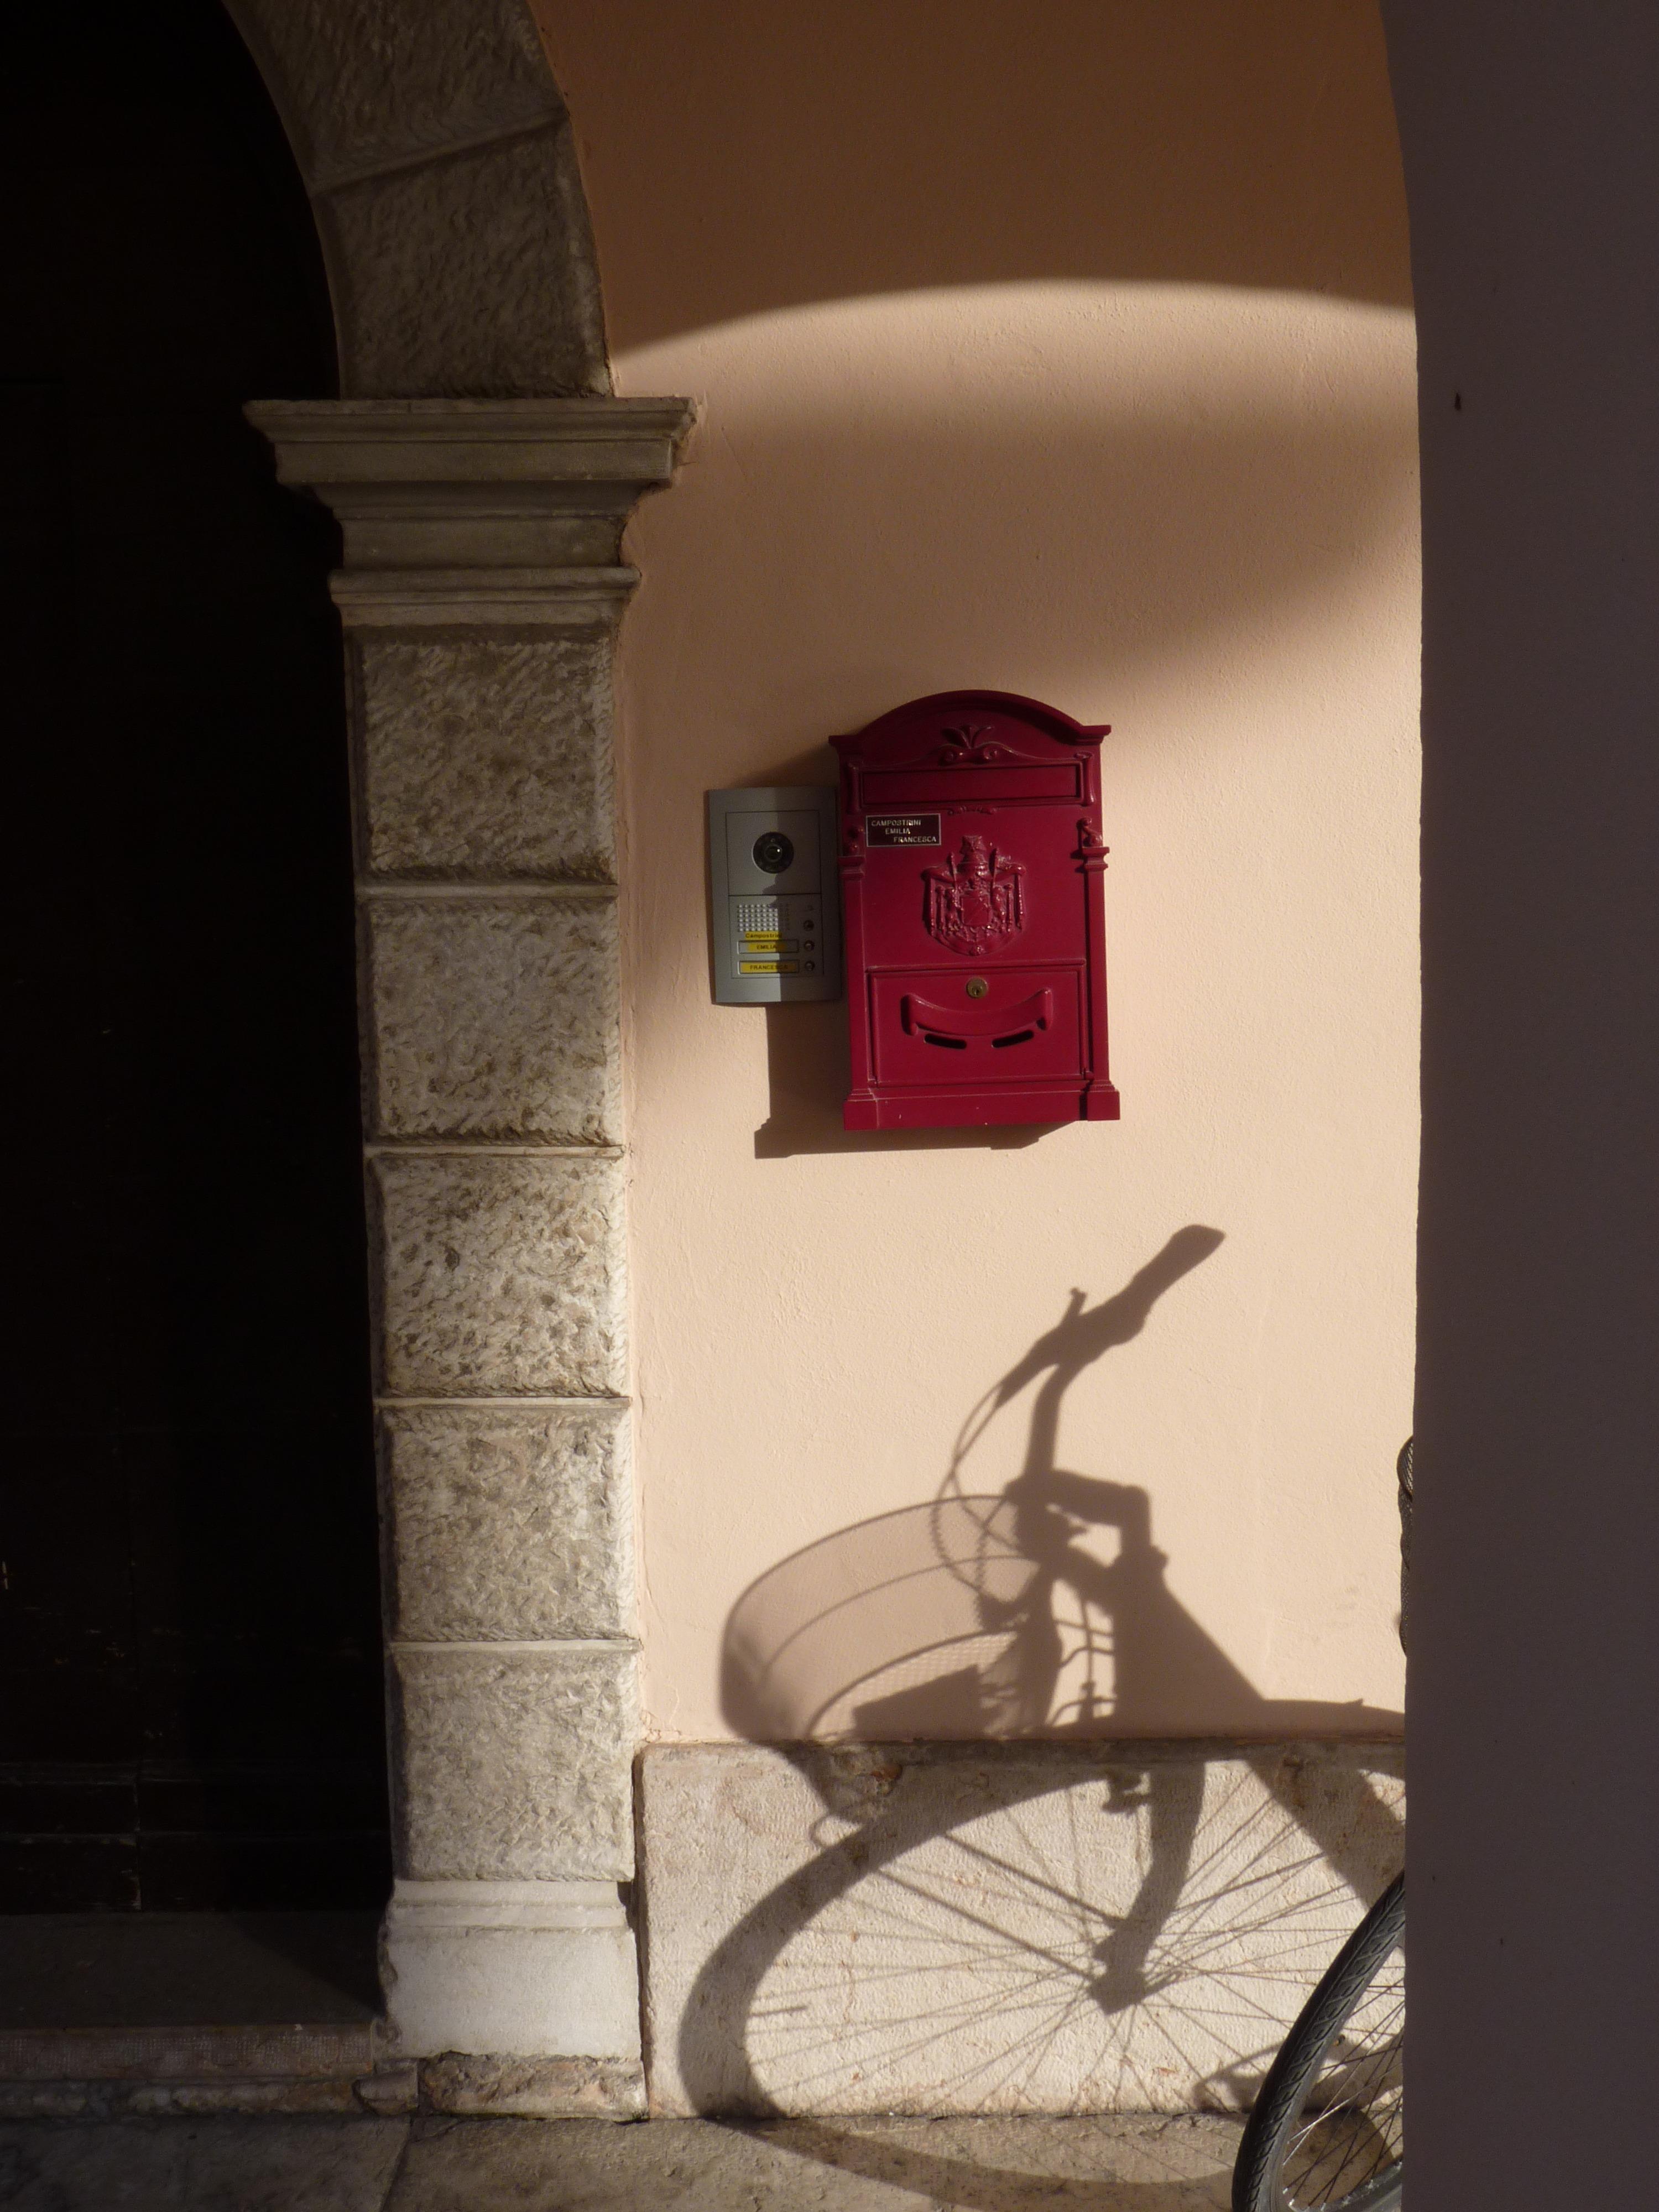 Postar Madeira Casa Janela Parede Arco Vermelho Cor Sombra Mobília  Iluminação Caixa De Correio Design De